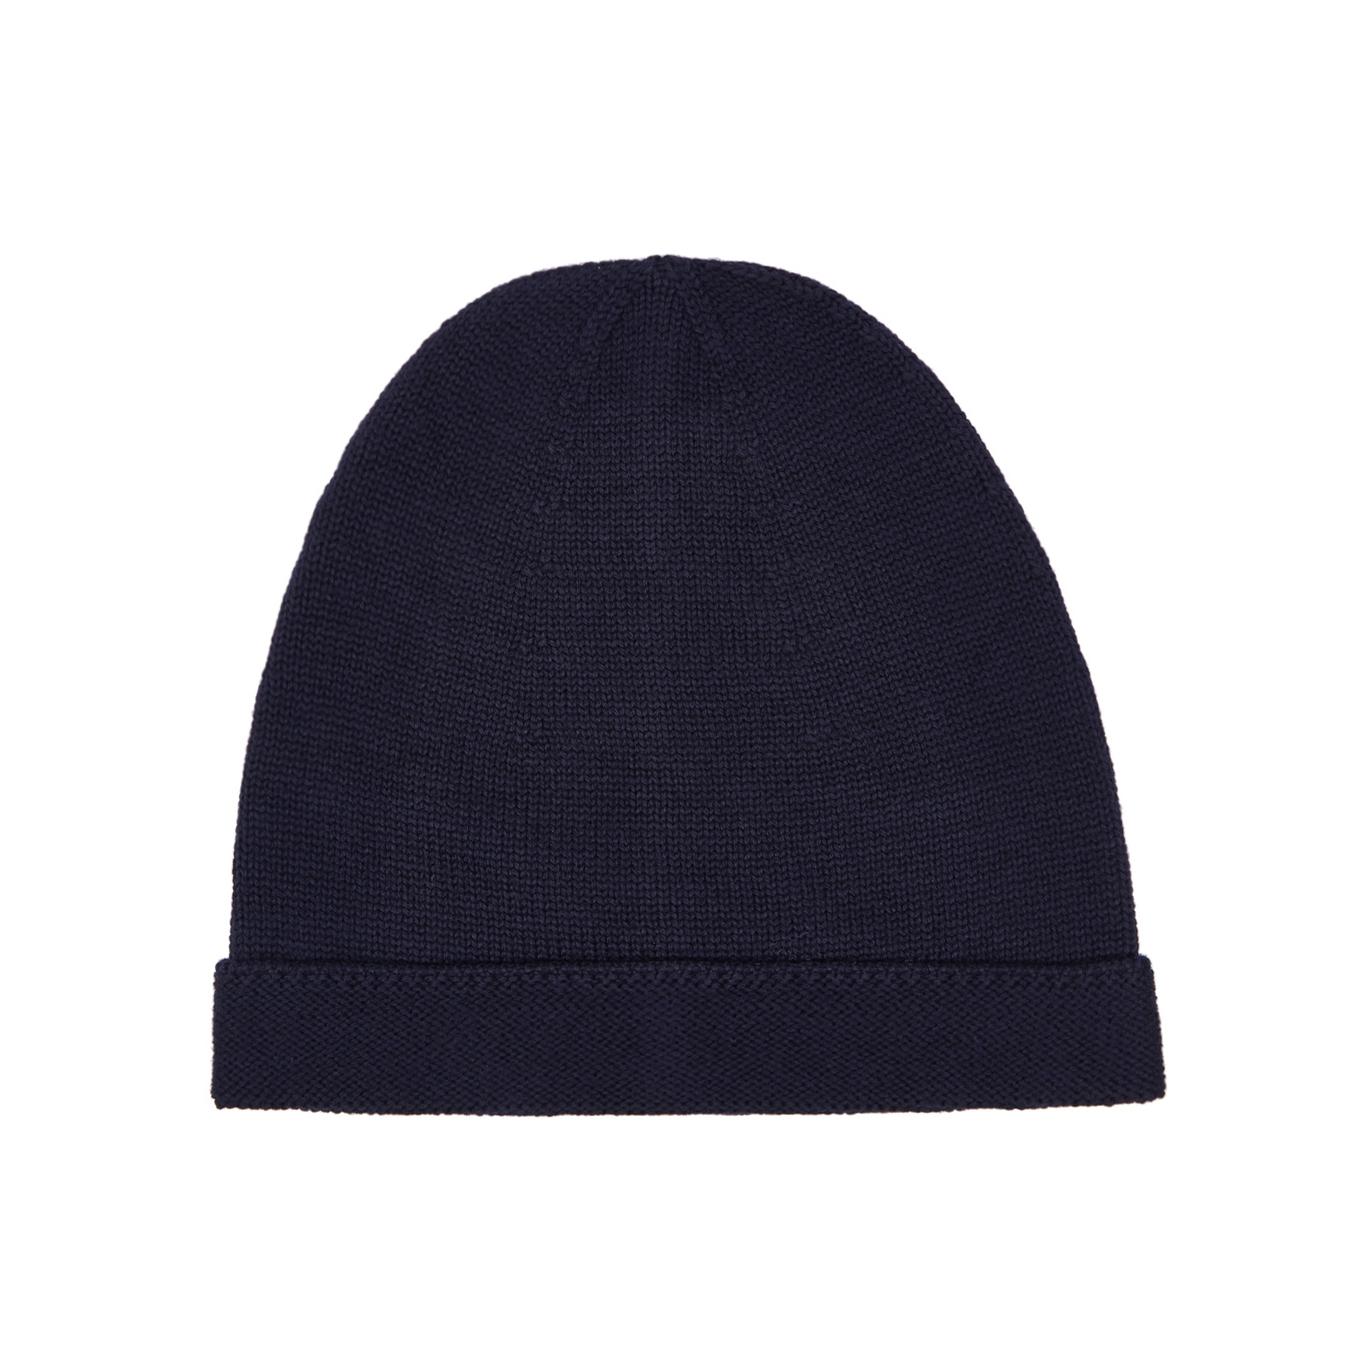 Gucci Navy fine-knit wool beanie - Harvey Nichols 89d18af852b